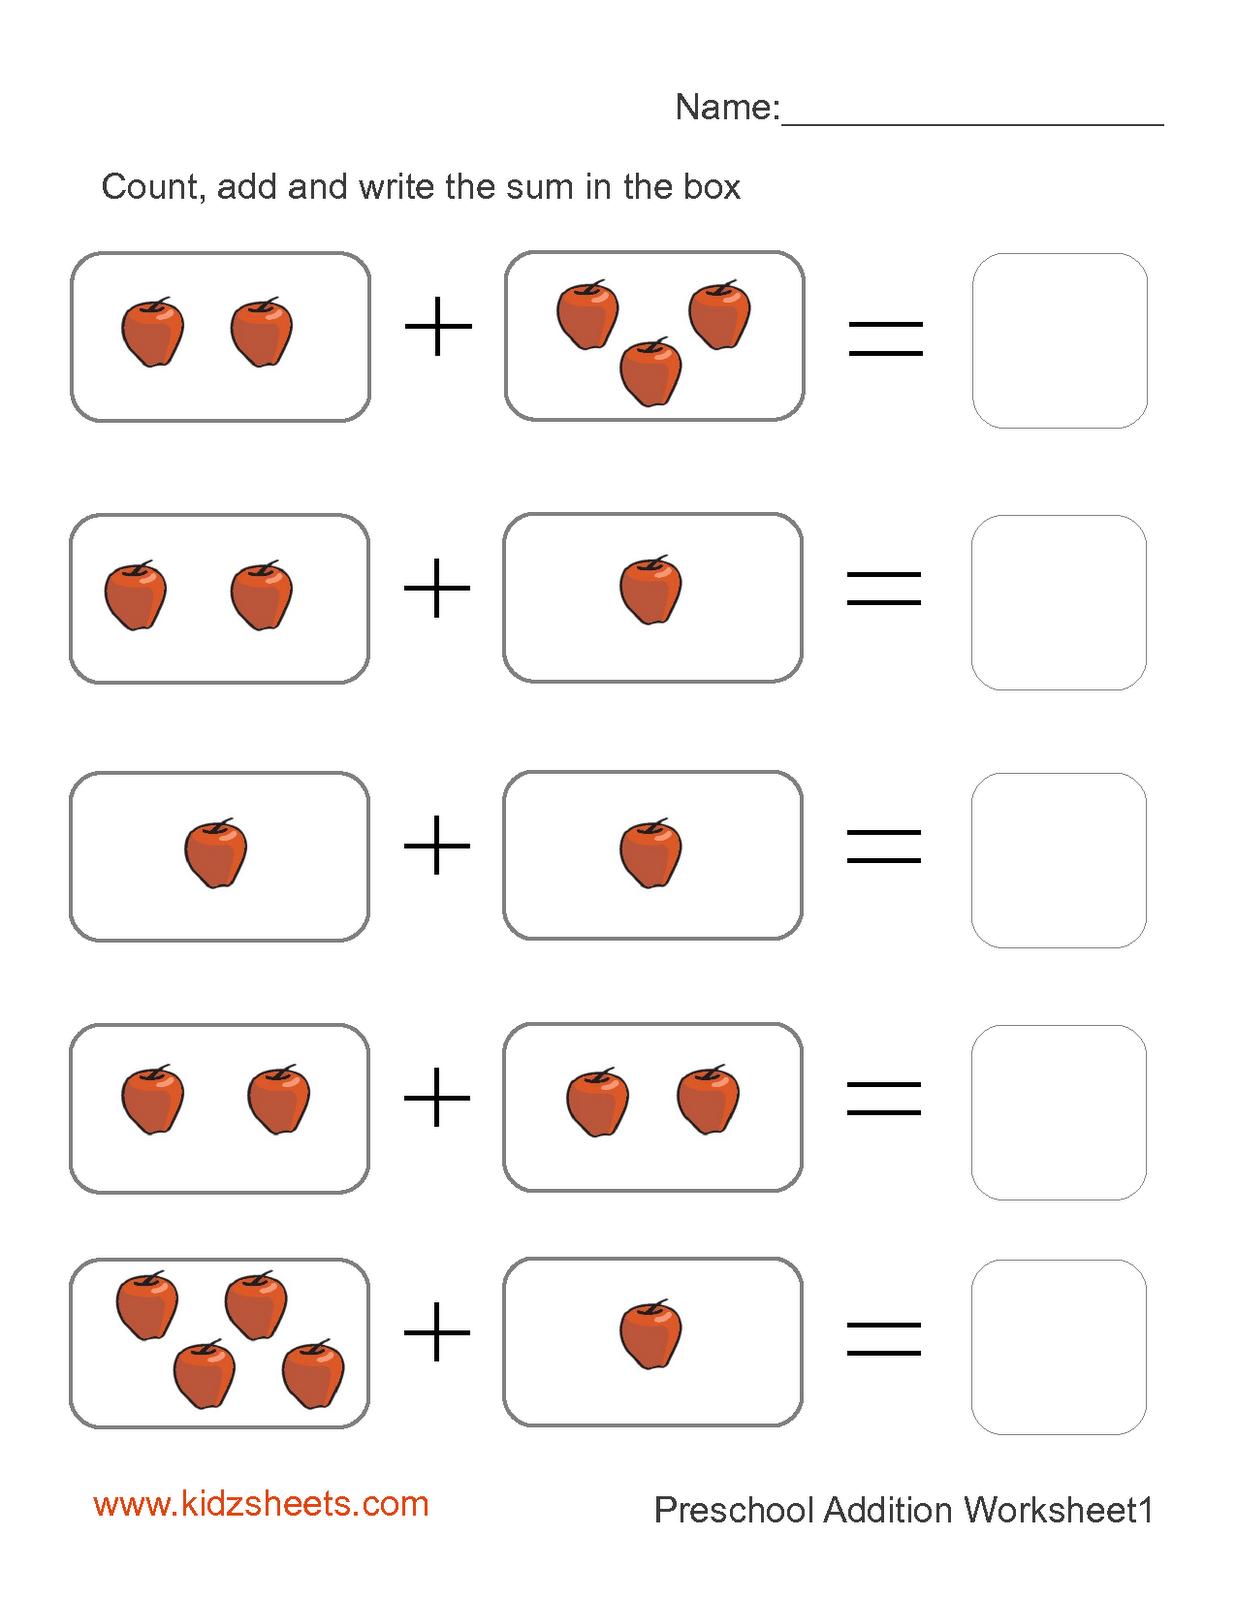 Worksheet Preschool Free worksheet preschool printables free mikyu 6 best images of printable school worksheets addition worksheets